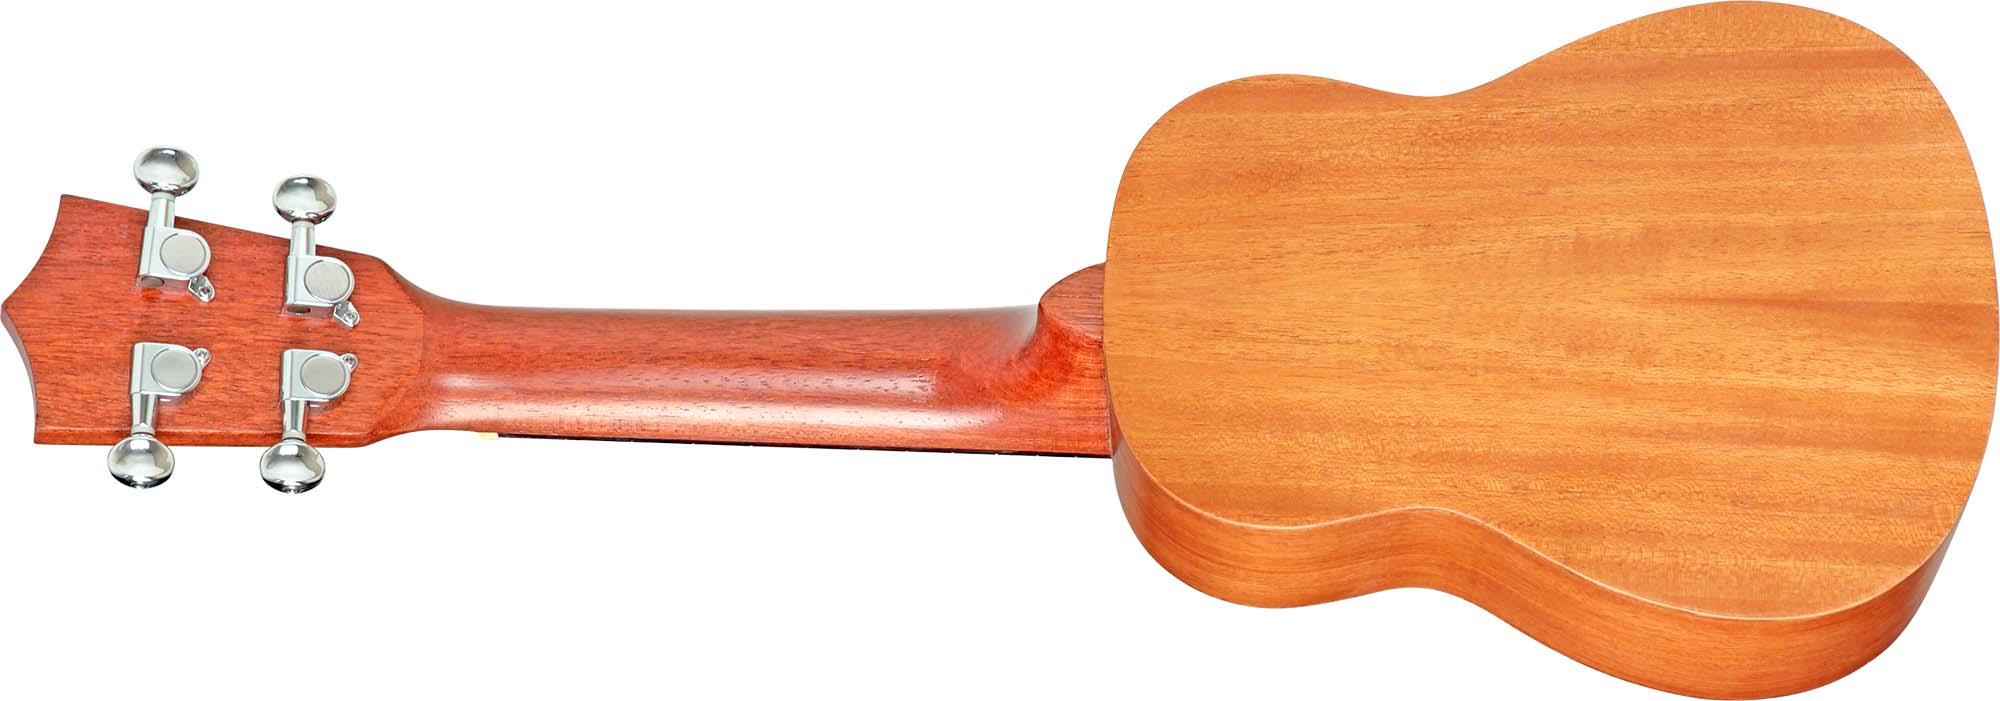 su21me ukulele soprano eletroacustico shelby su21me stnt mogno acetinado visao posterior